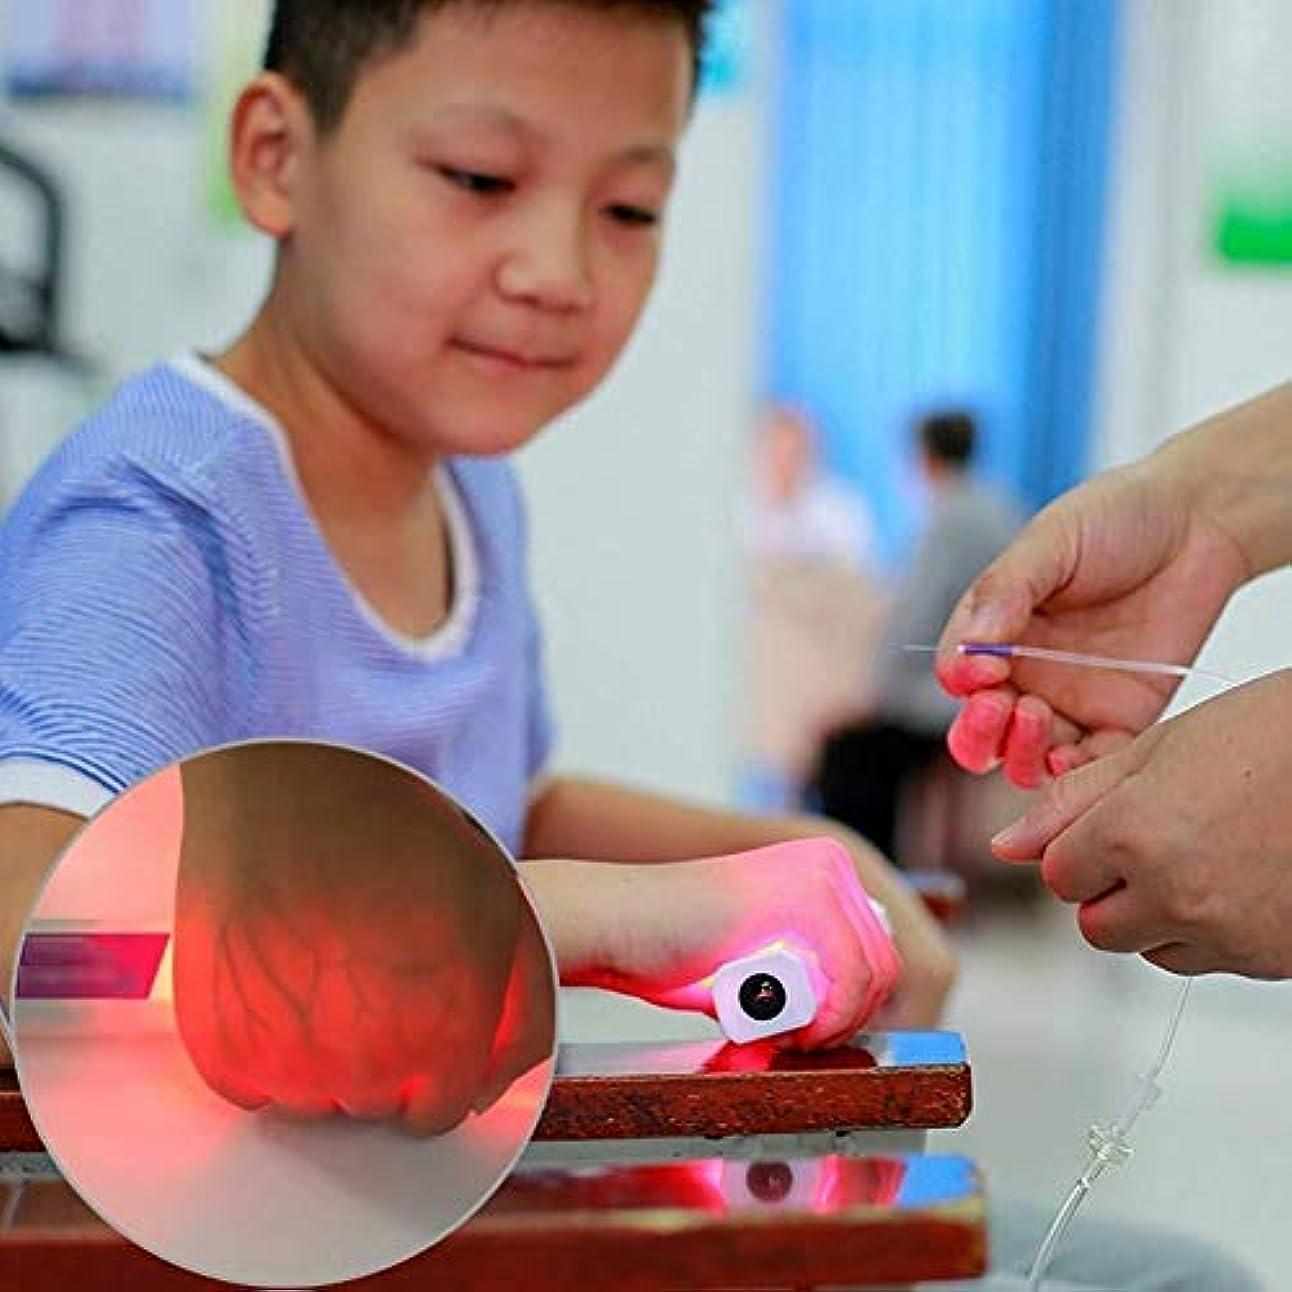 トランザクション有能なアルファベット赤外線静脈ファインダービューアーポータブル医療赤外線静脈ロケーター照明可視光検出器看護師医師の血液採取